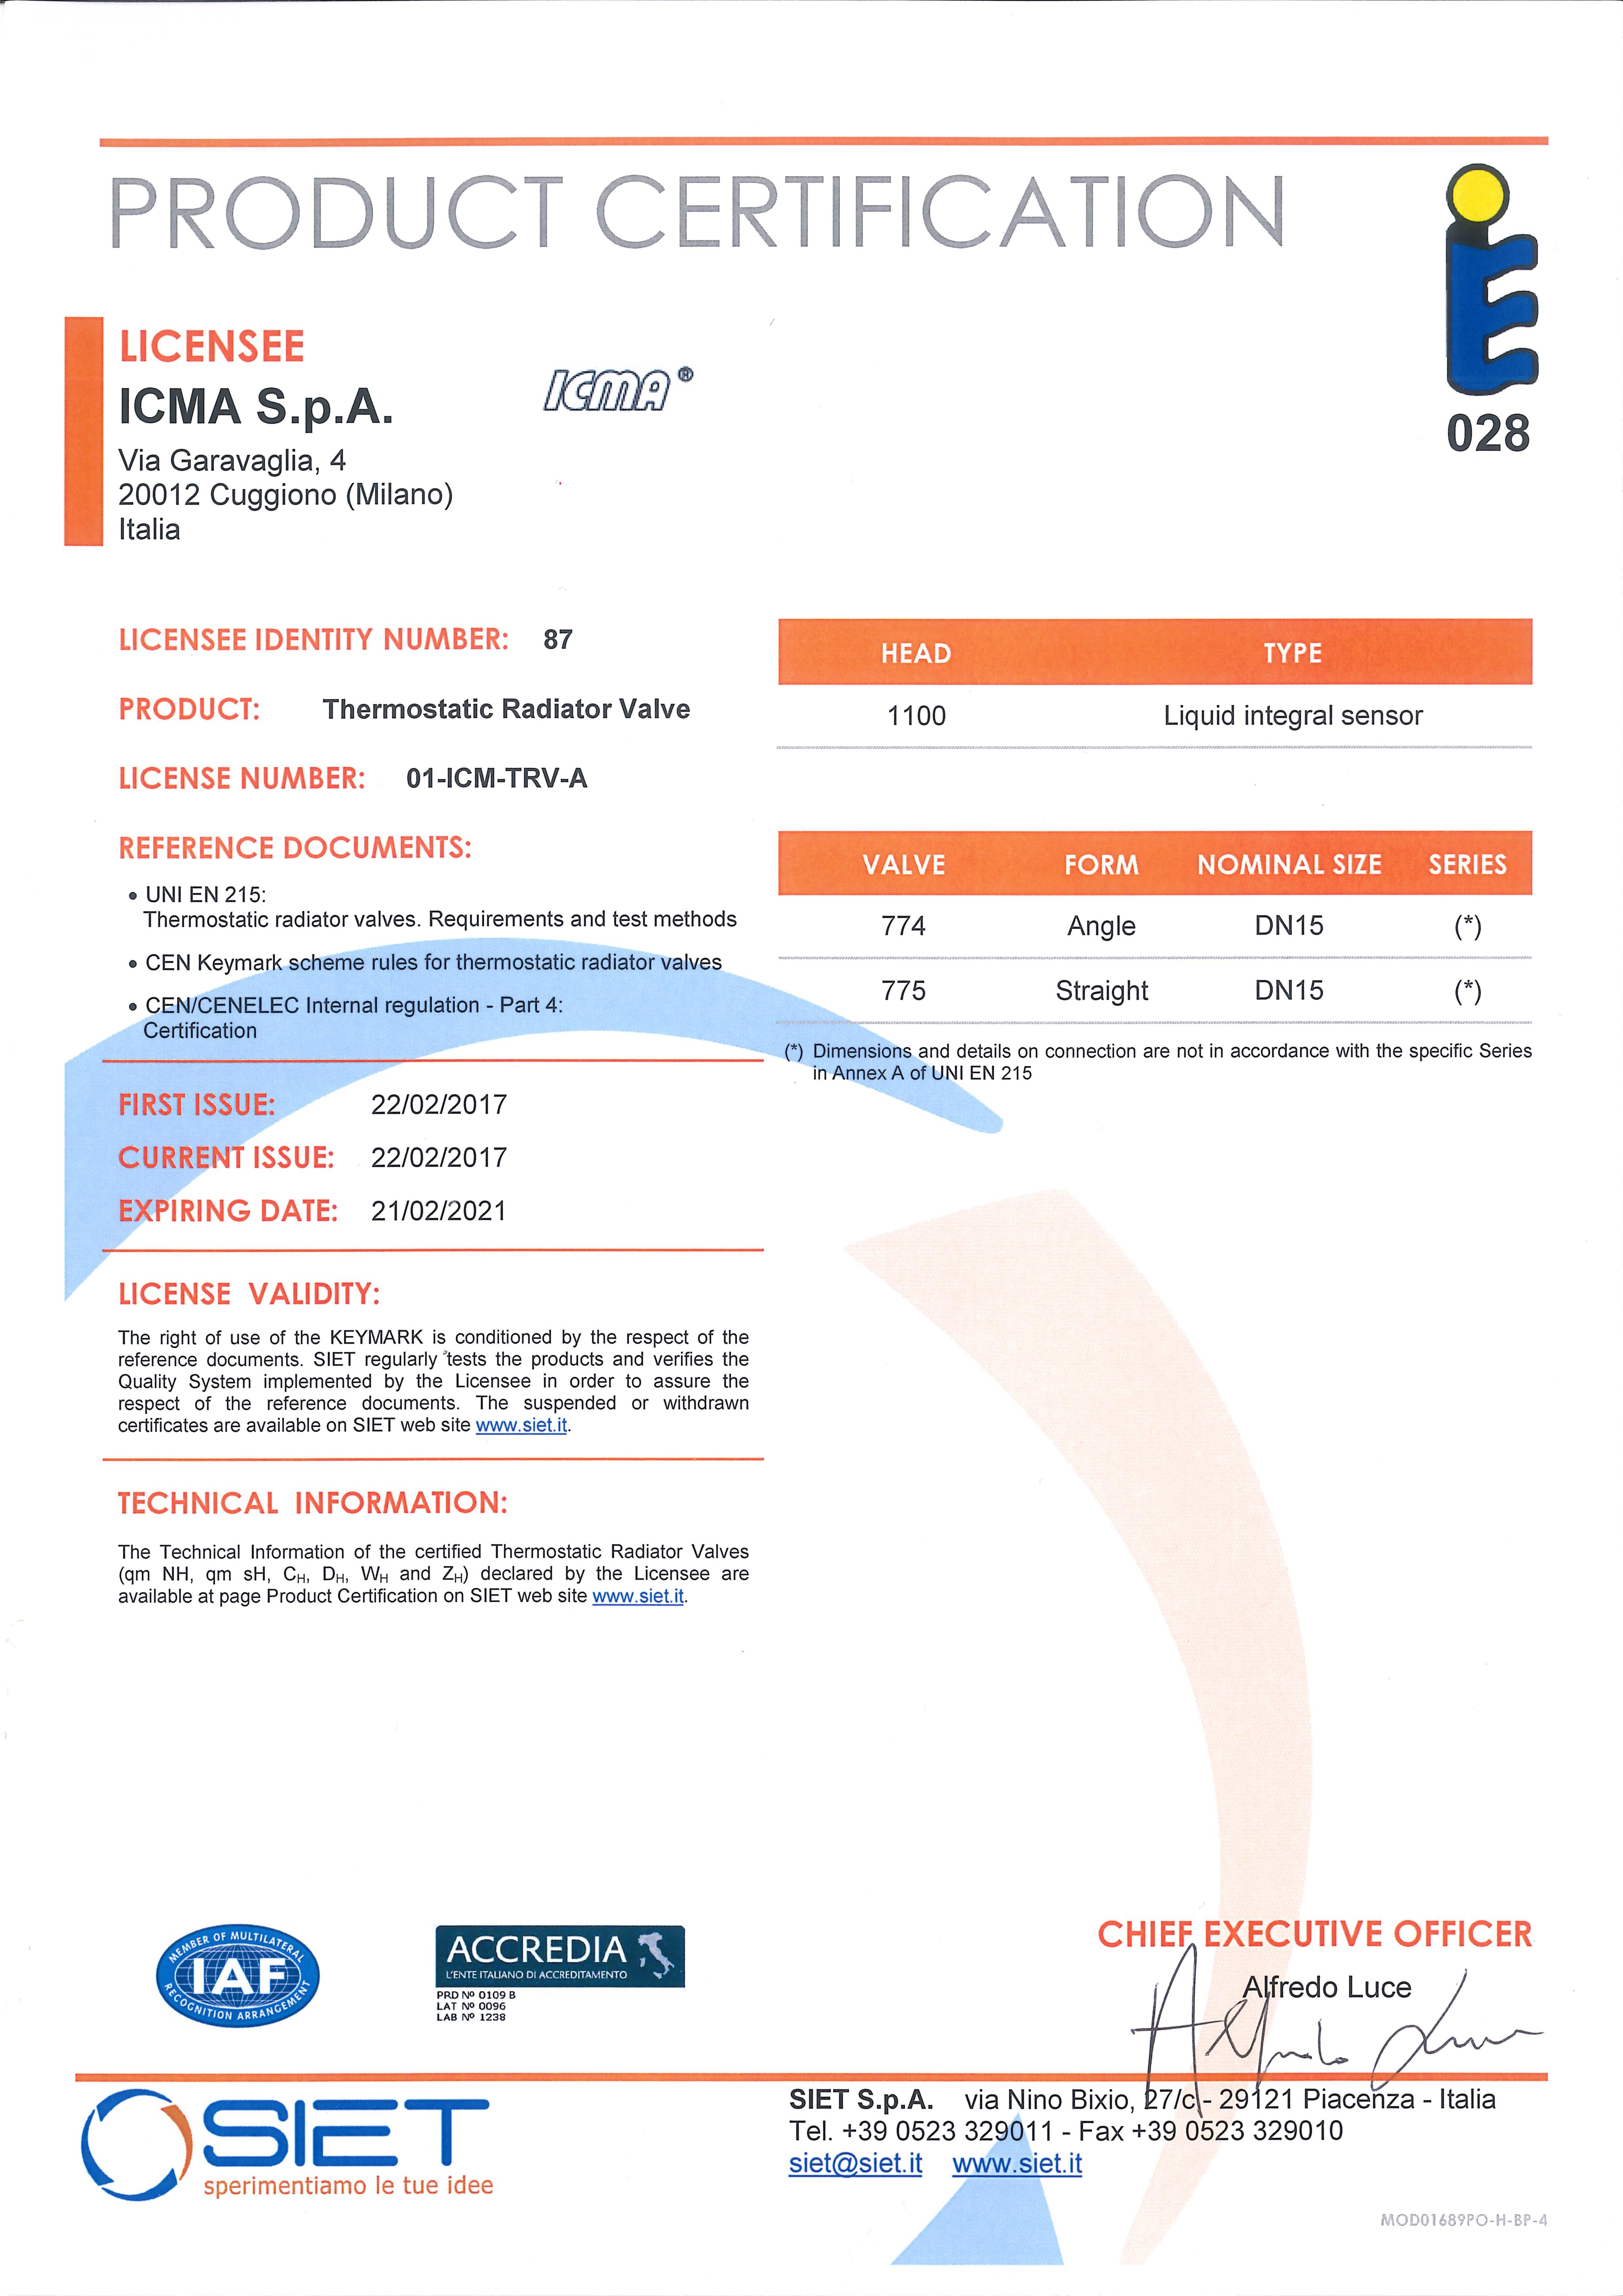 Сертифікат на термостатичні радіаторні крани ICMA